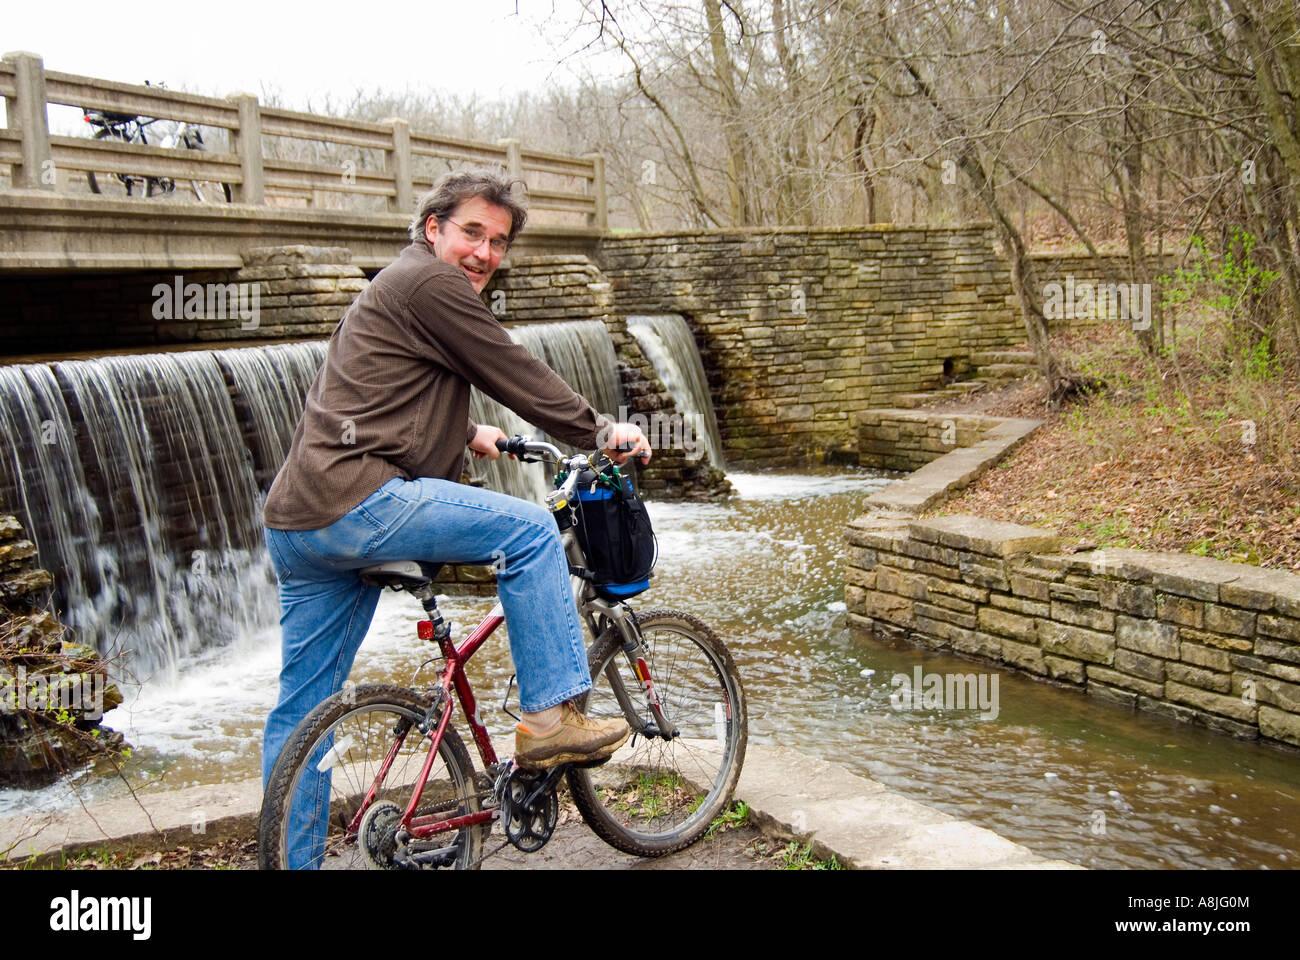 Bike Ride to Dam - Stock Image